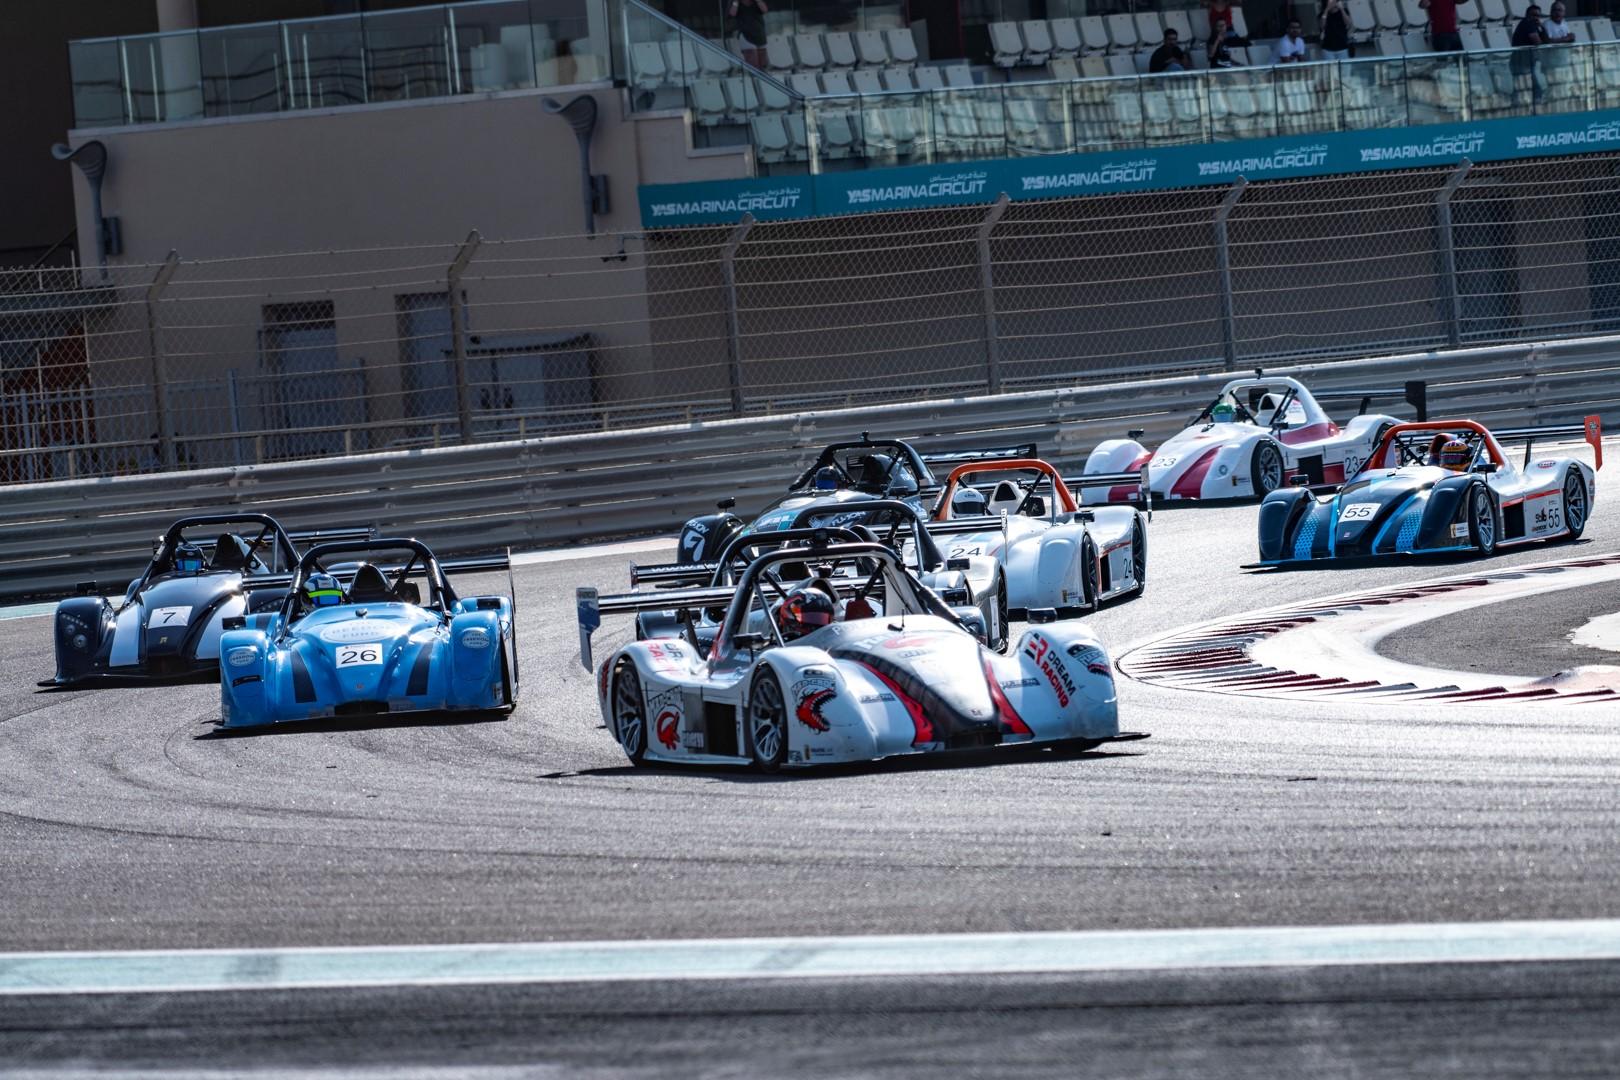 2019 Gulf Radical Cup - Yas Marina F1 Rounds 1 & 2